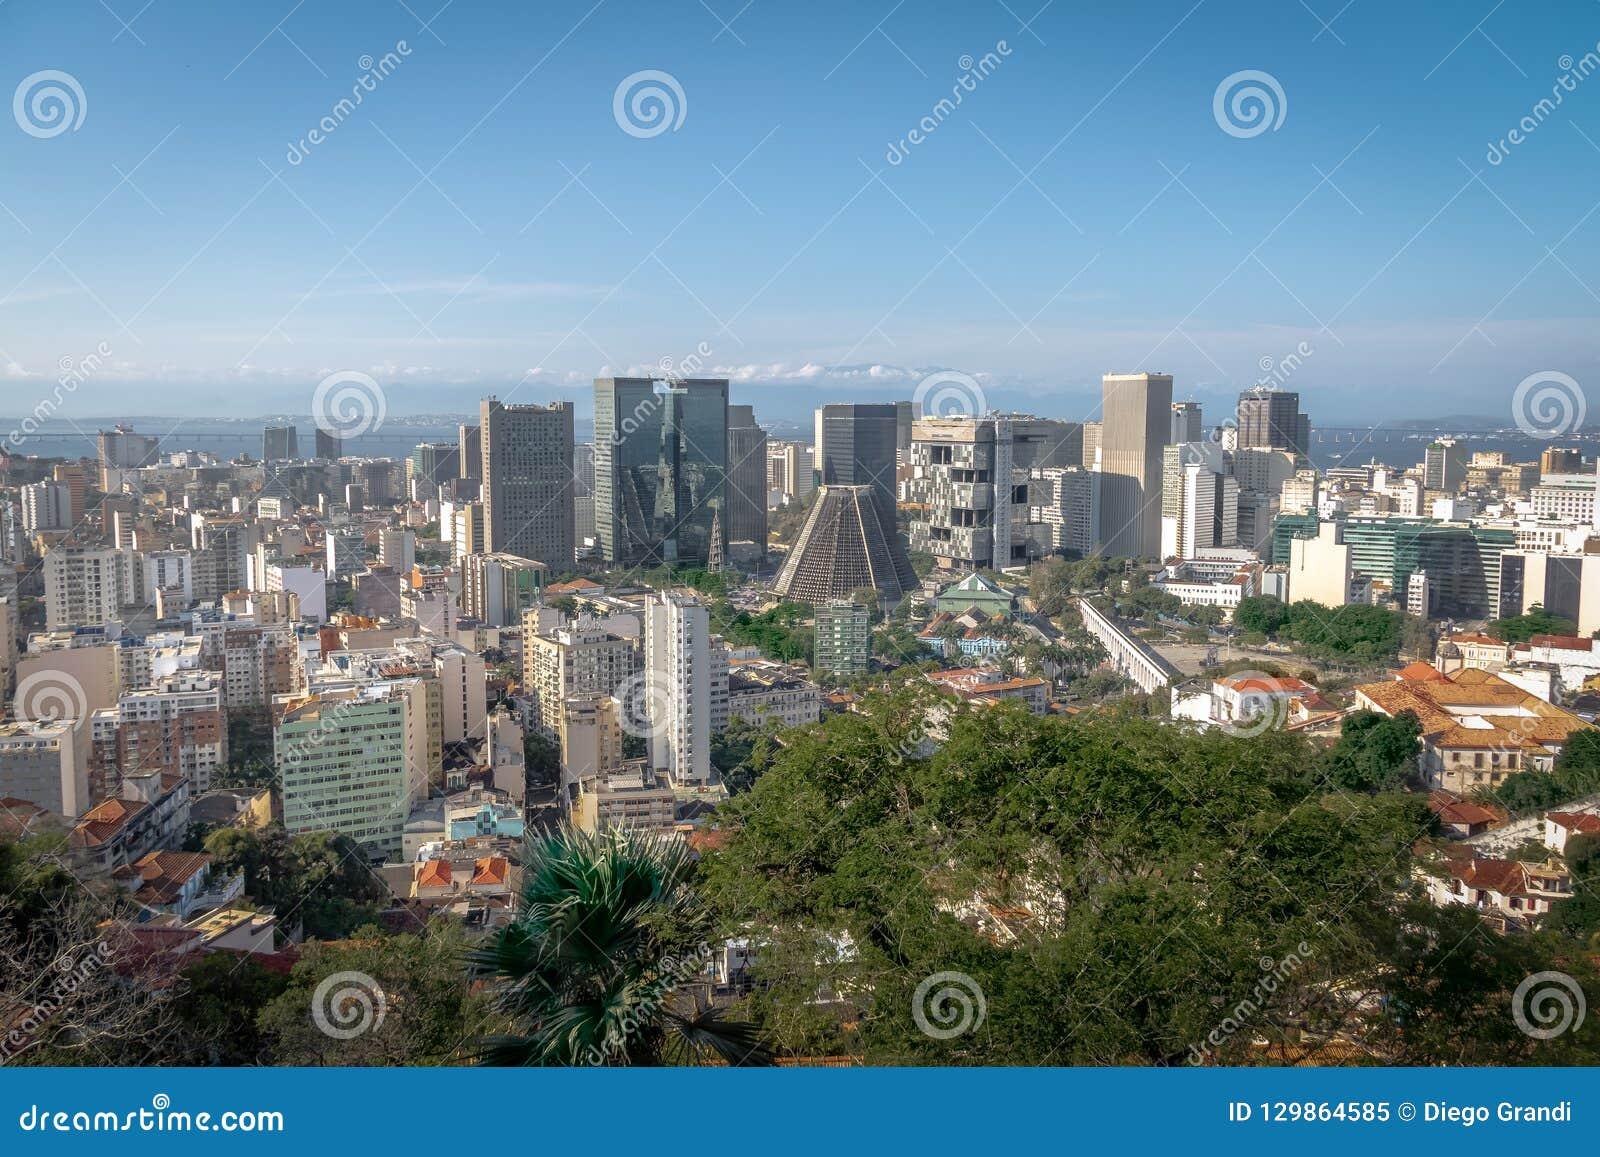 Vista aérea del horizonte céntrico y de la catedral metropolitana - Rio de Janeiro, el Brasil de Rio de Janeiro